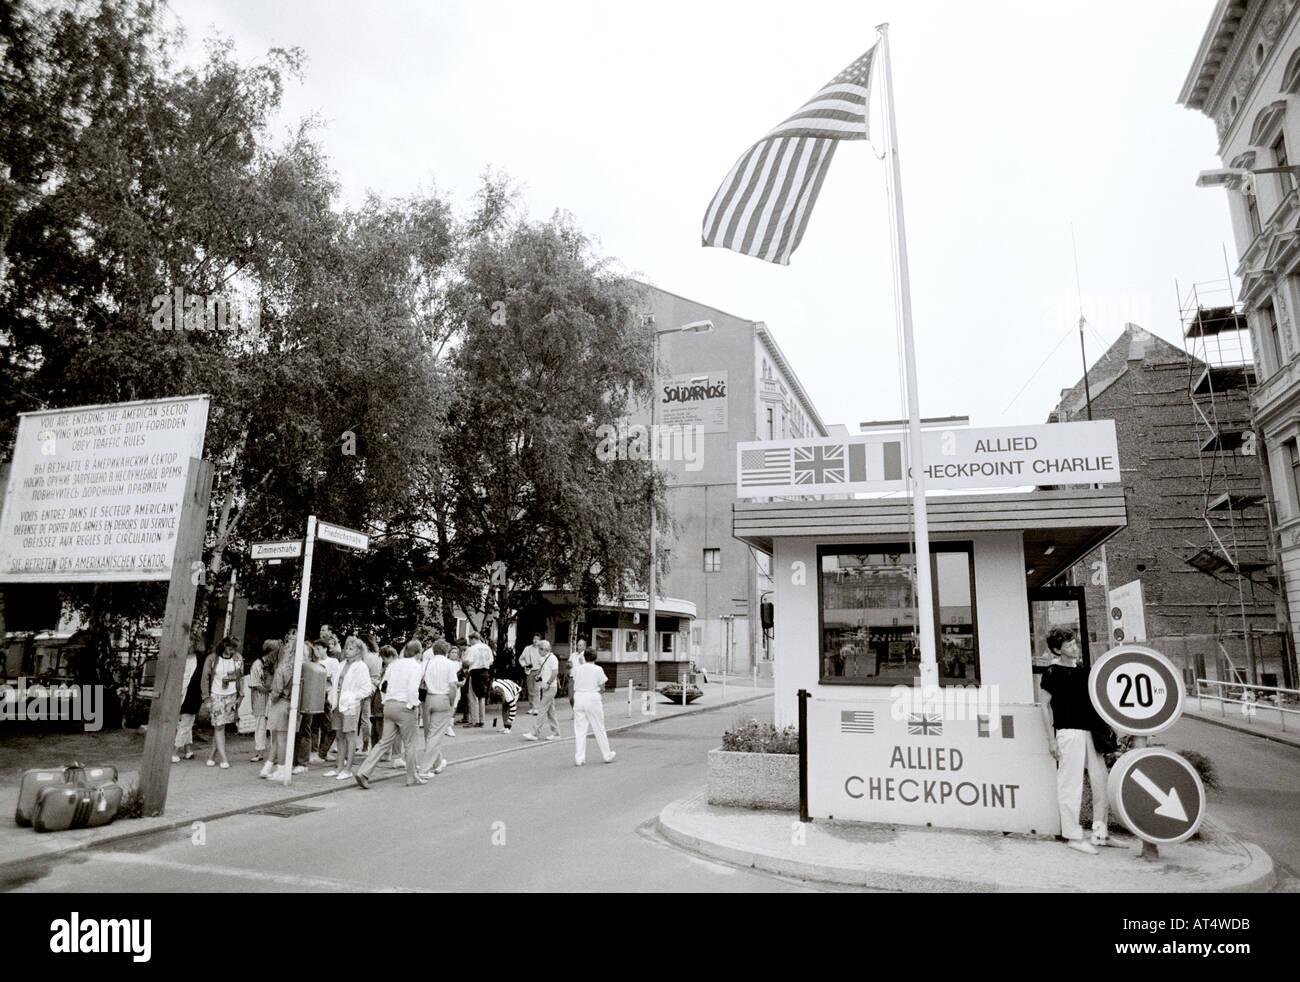 Guerre froide Checkpoint Charlie à Berlin Ouest à l'Allemagne en Europe. Historique Historique L'histoire du reportage Politique Economie Culture Voyage Photo Stock